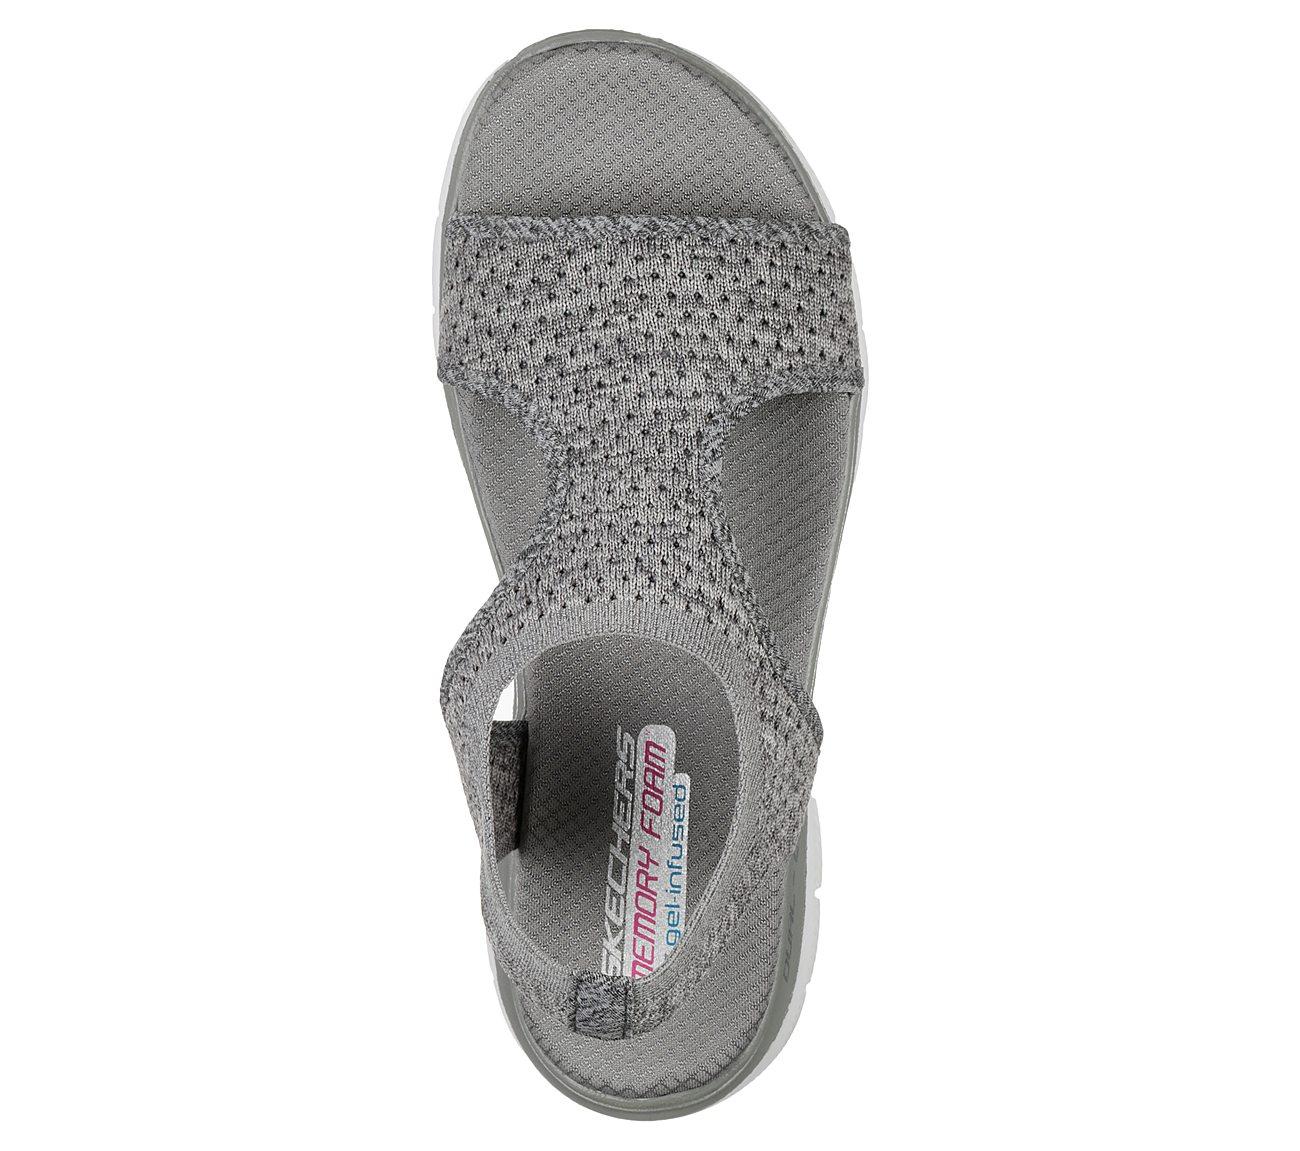 61ec13292128 Buy SKECHERS Flex Appeal 2.0 - Deja Vu Cali Shoes only  55.00